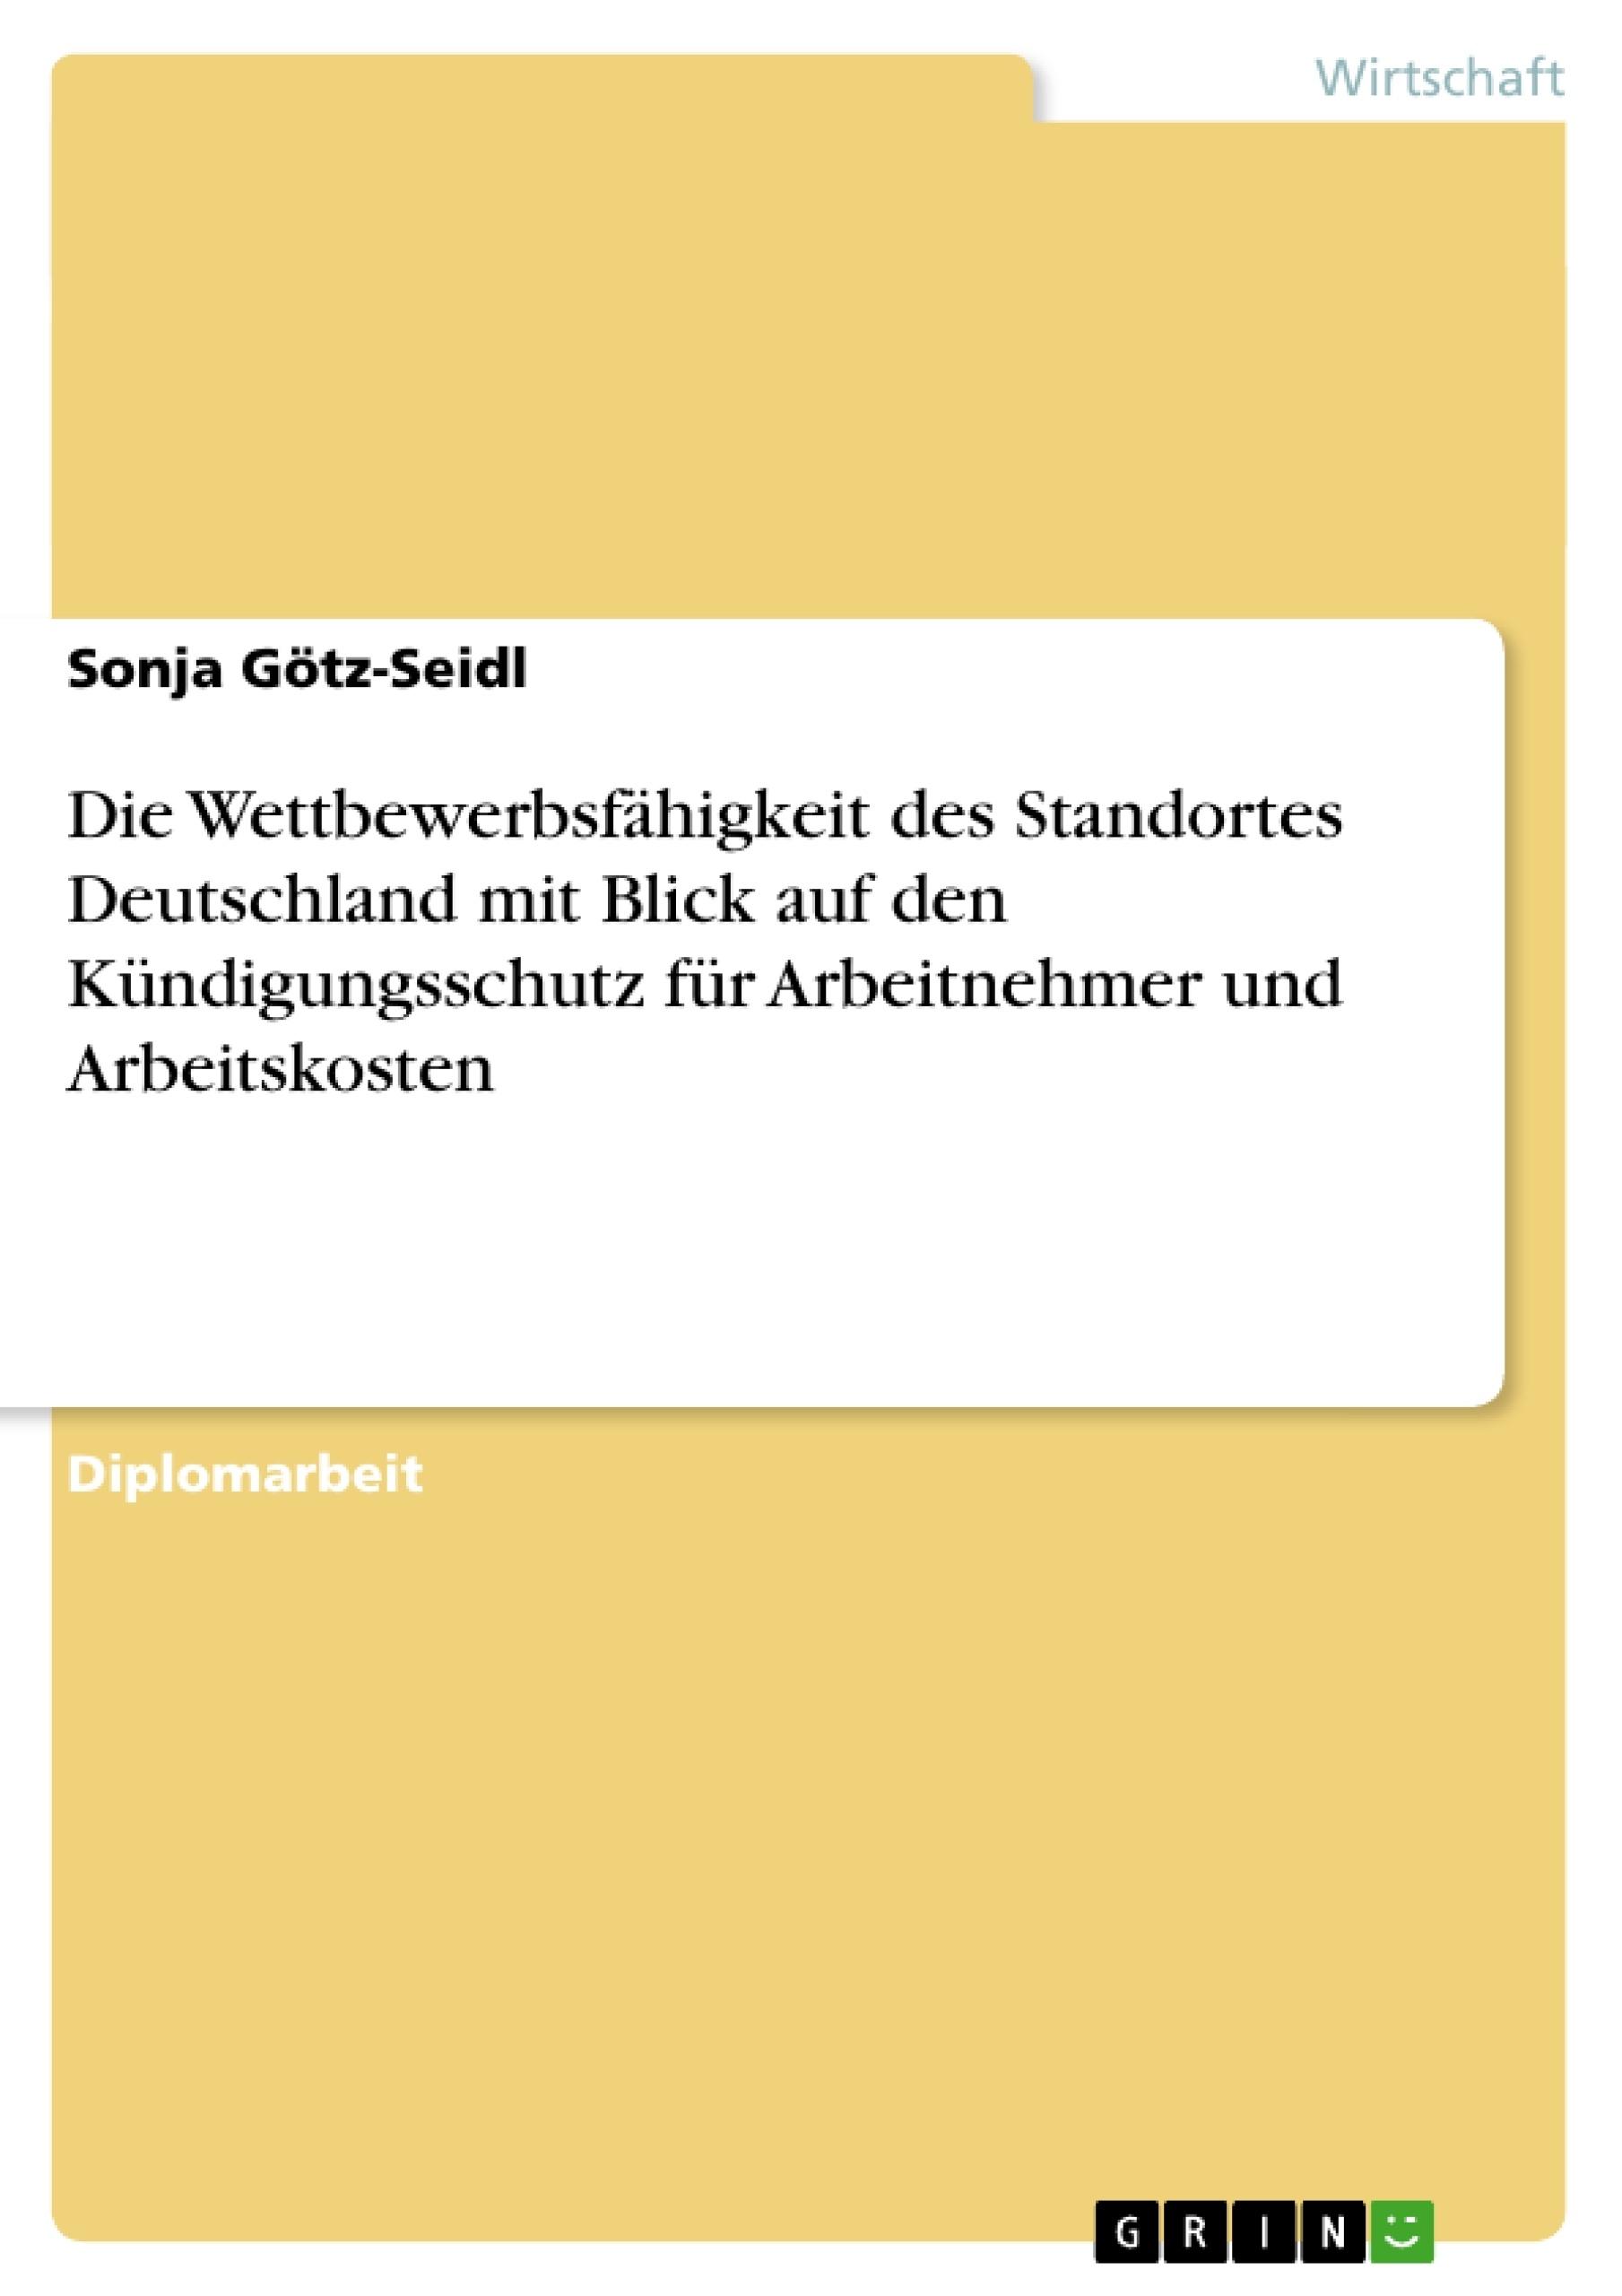 Titel: Die Wettbewerbsfähigkeit des Standortes Deutschland mit Blick auf den Kündigungsschutz für Arbeitnehmer und Arbeitskosten